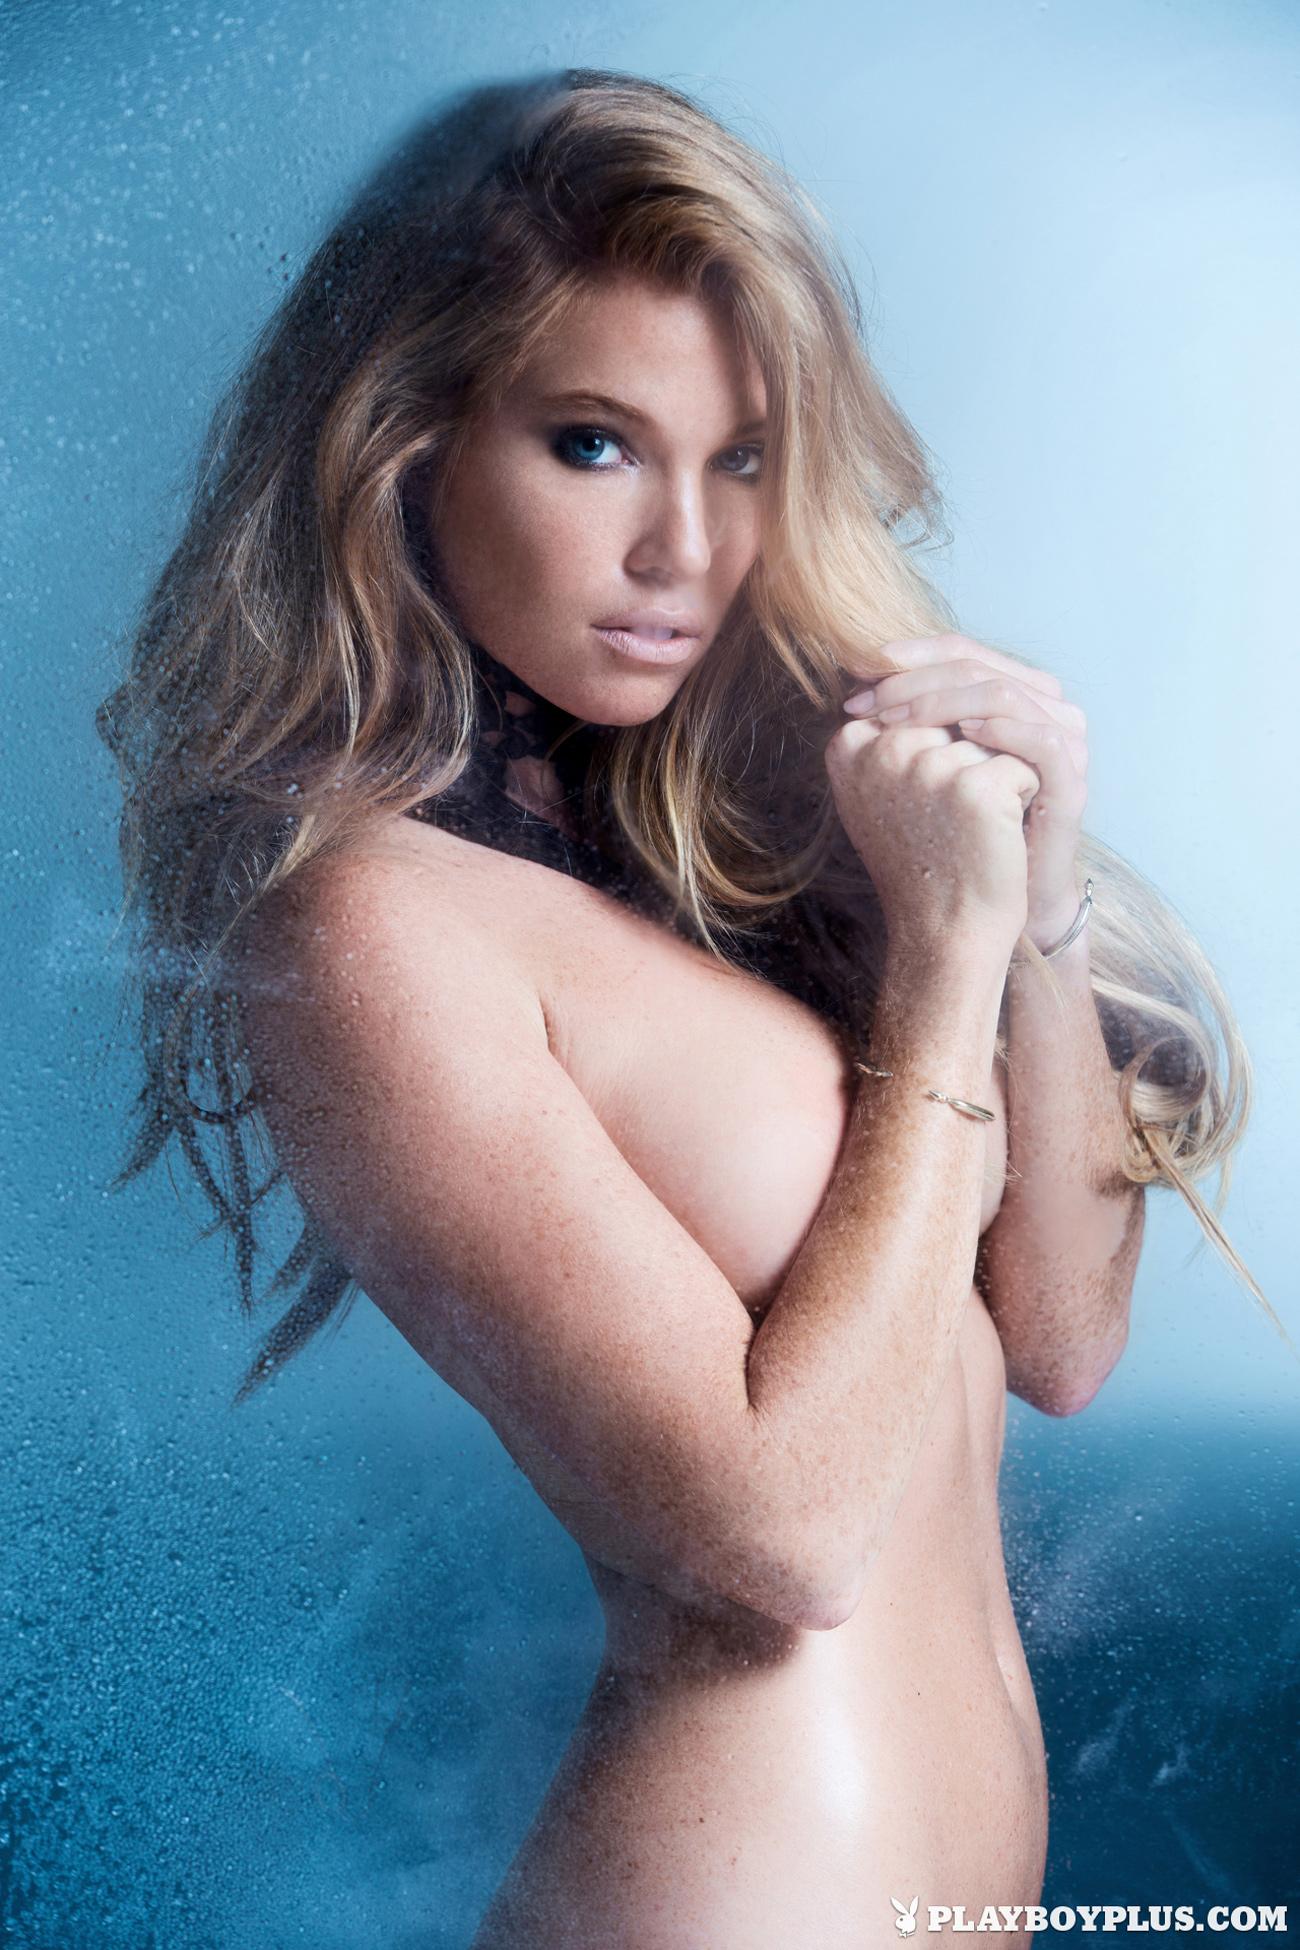 elizabeth-ostrander-redhead-ice-nude-playboy-12